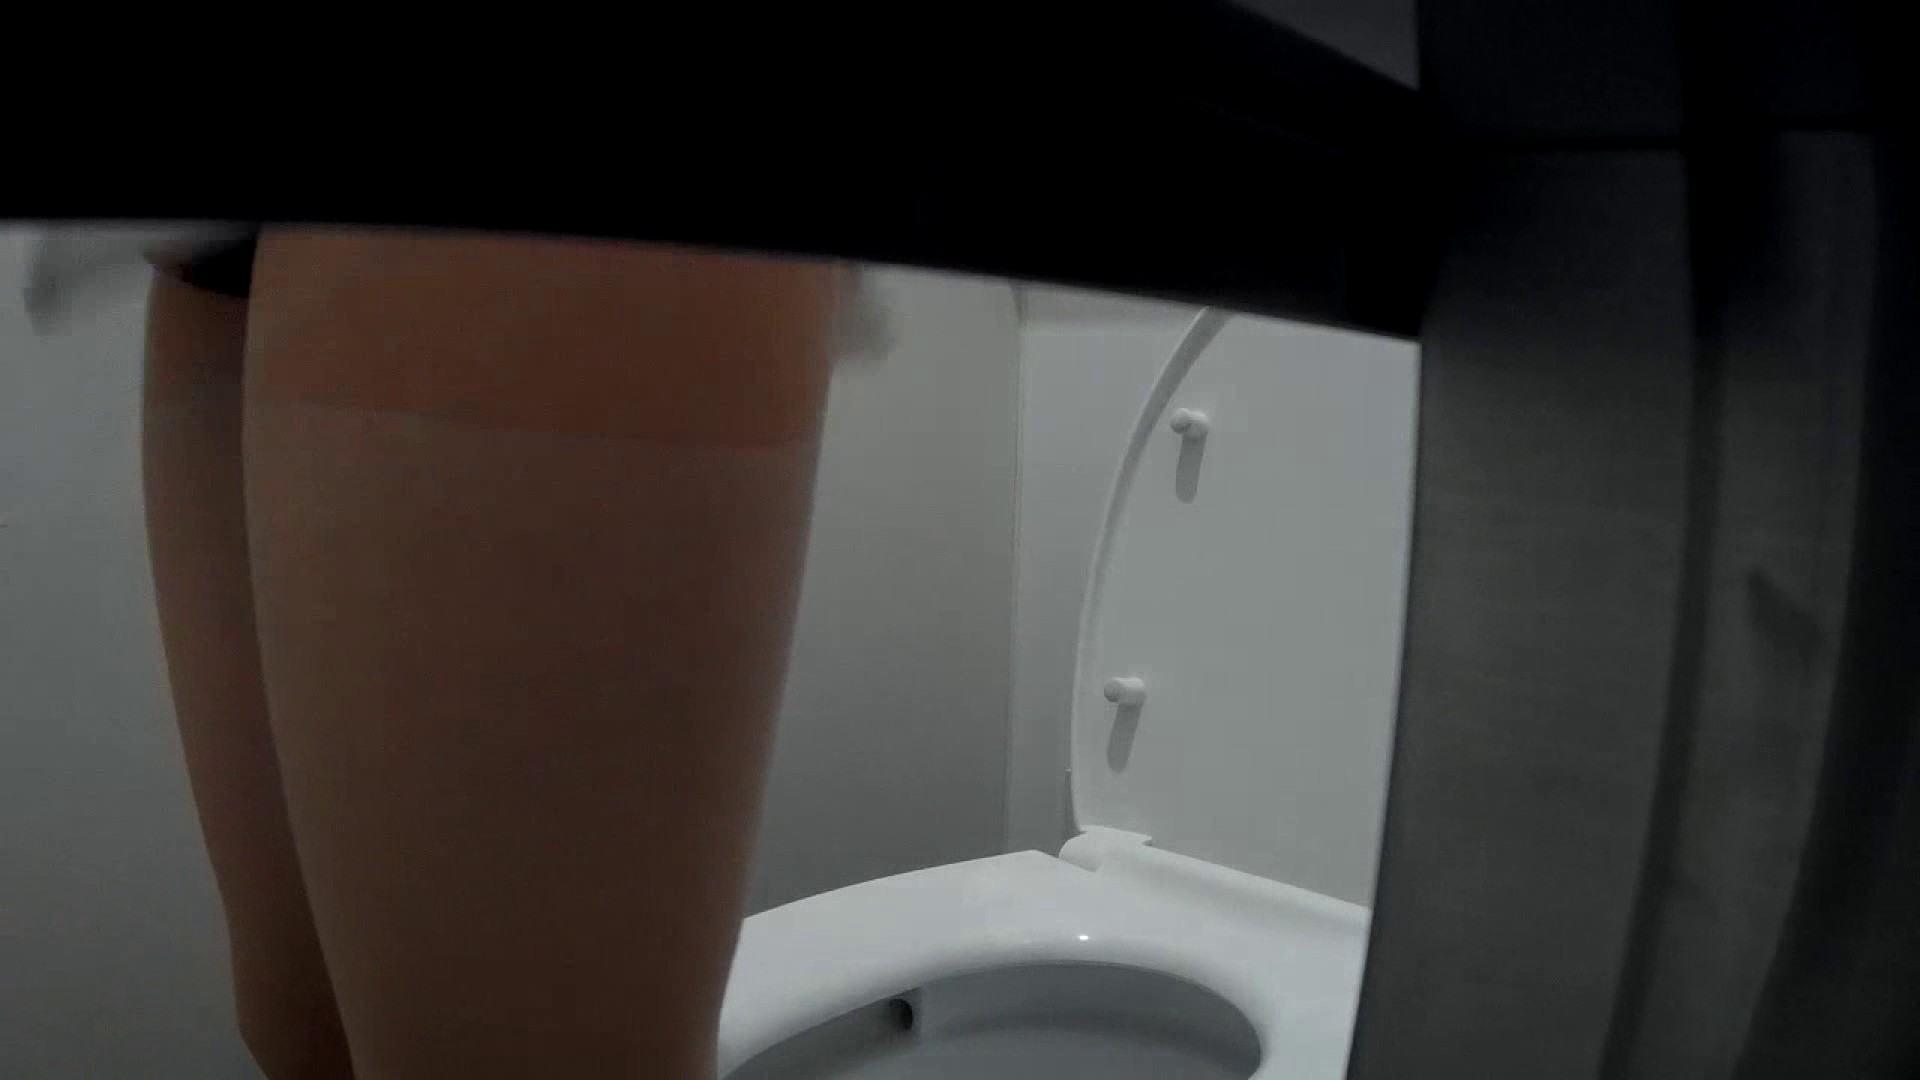 有名大学女性洗面所 vol.40 ??おまじない的な動きをする子がいます。 洗面所突入  81pic 60